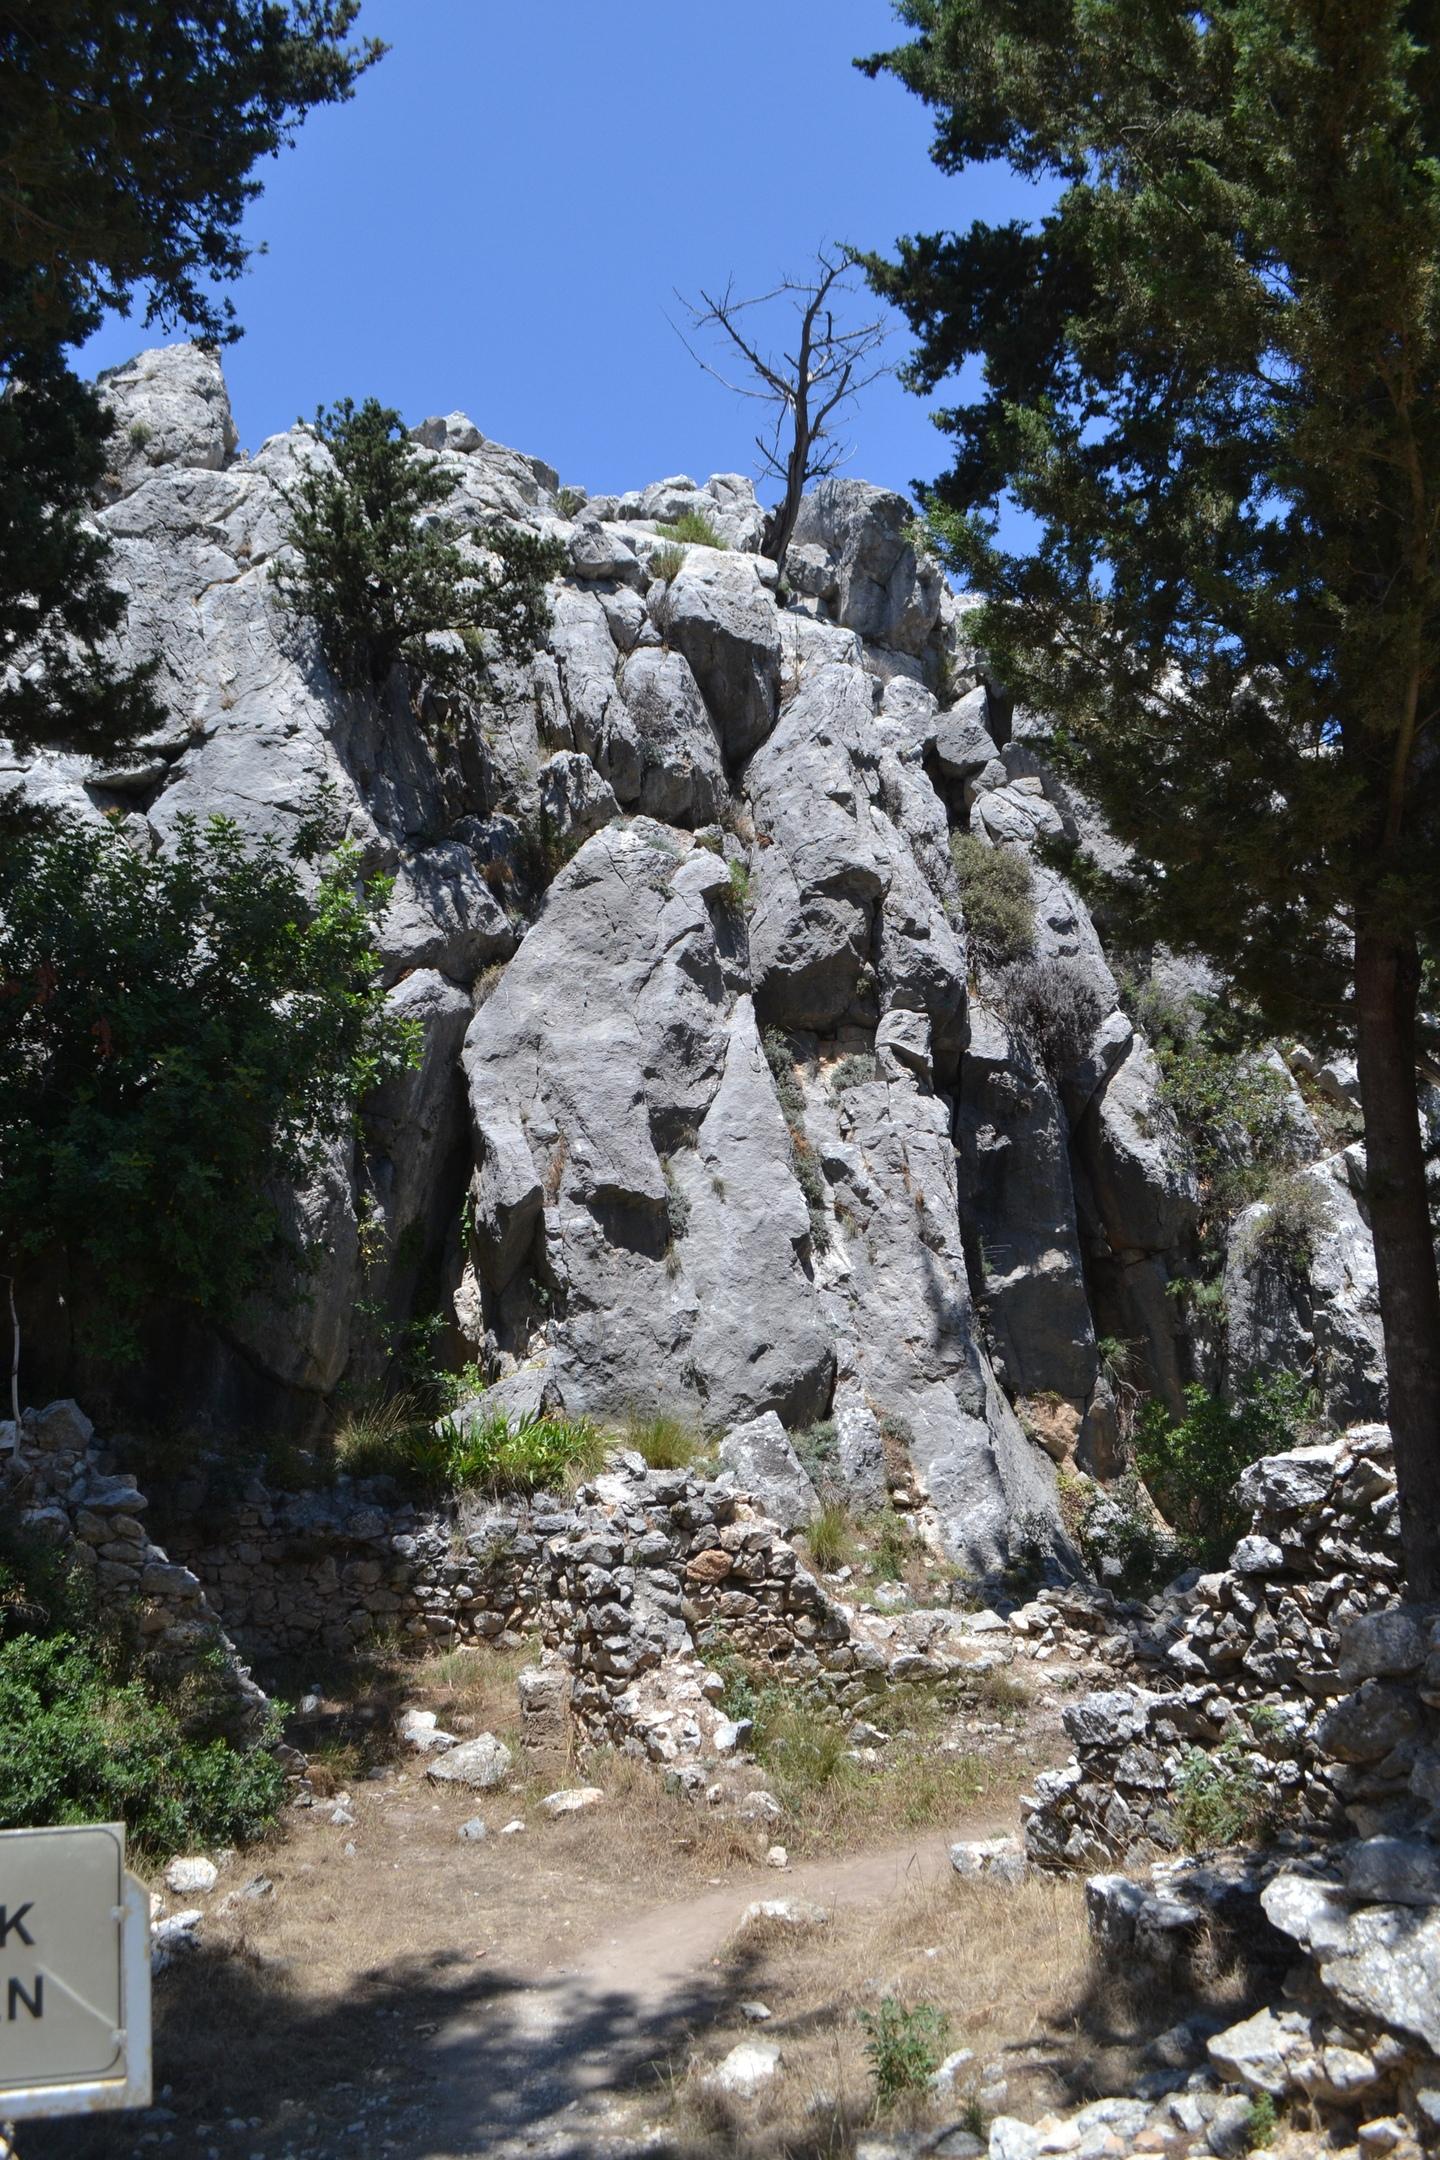 Северный Кипр. Замок Святого Иллариона. (фото). - Страница 3 06K56-r5dUQ